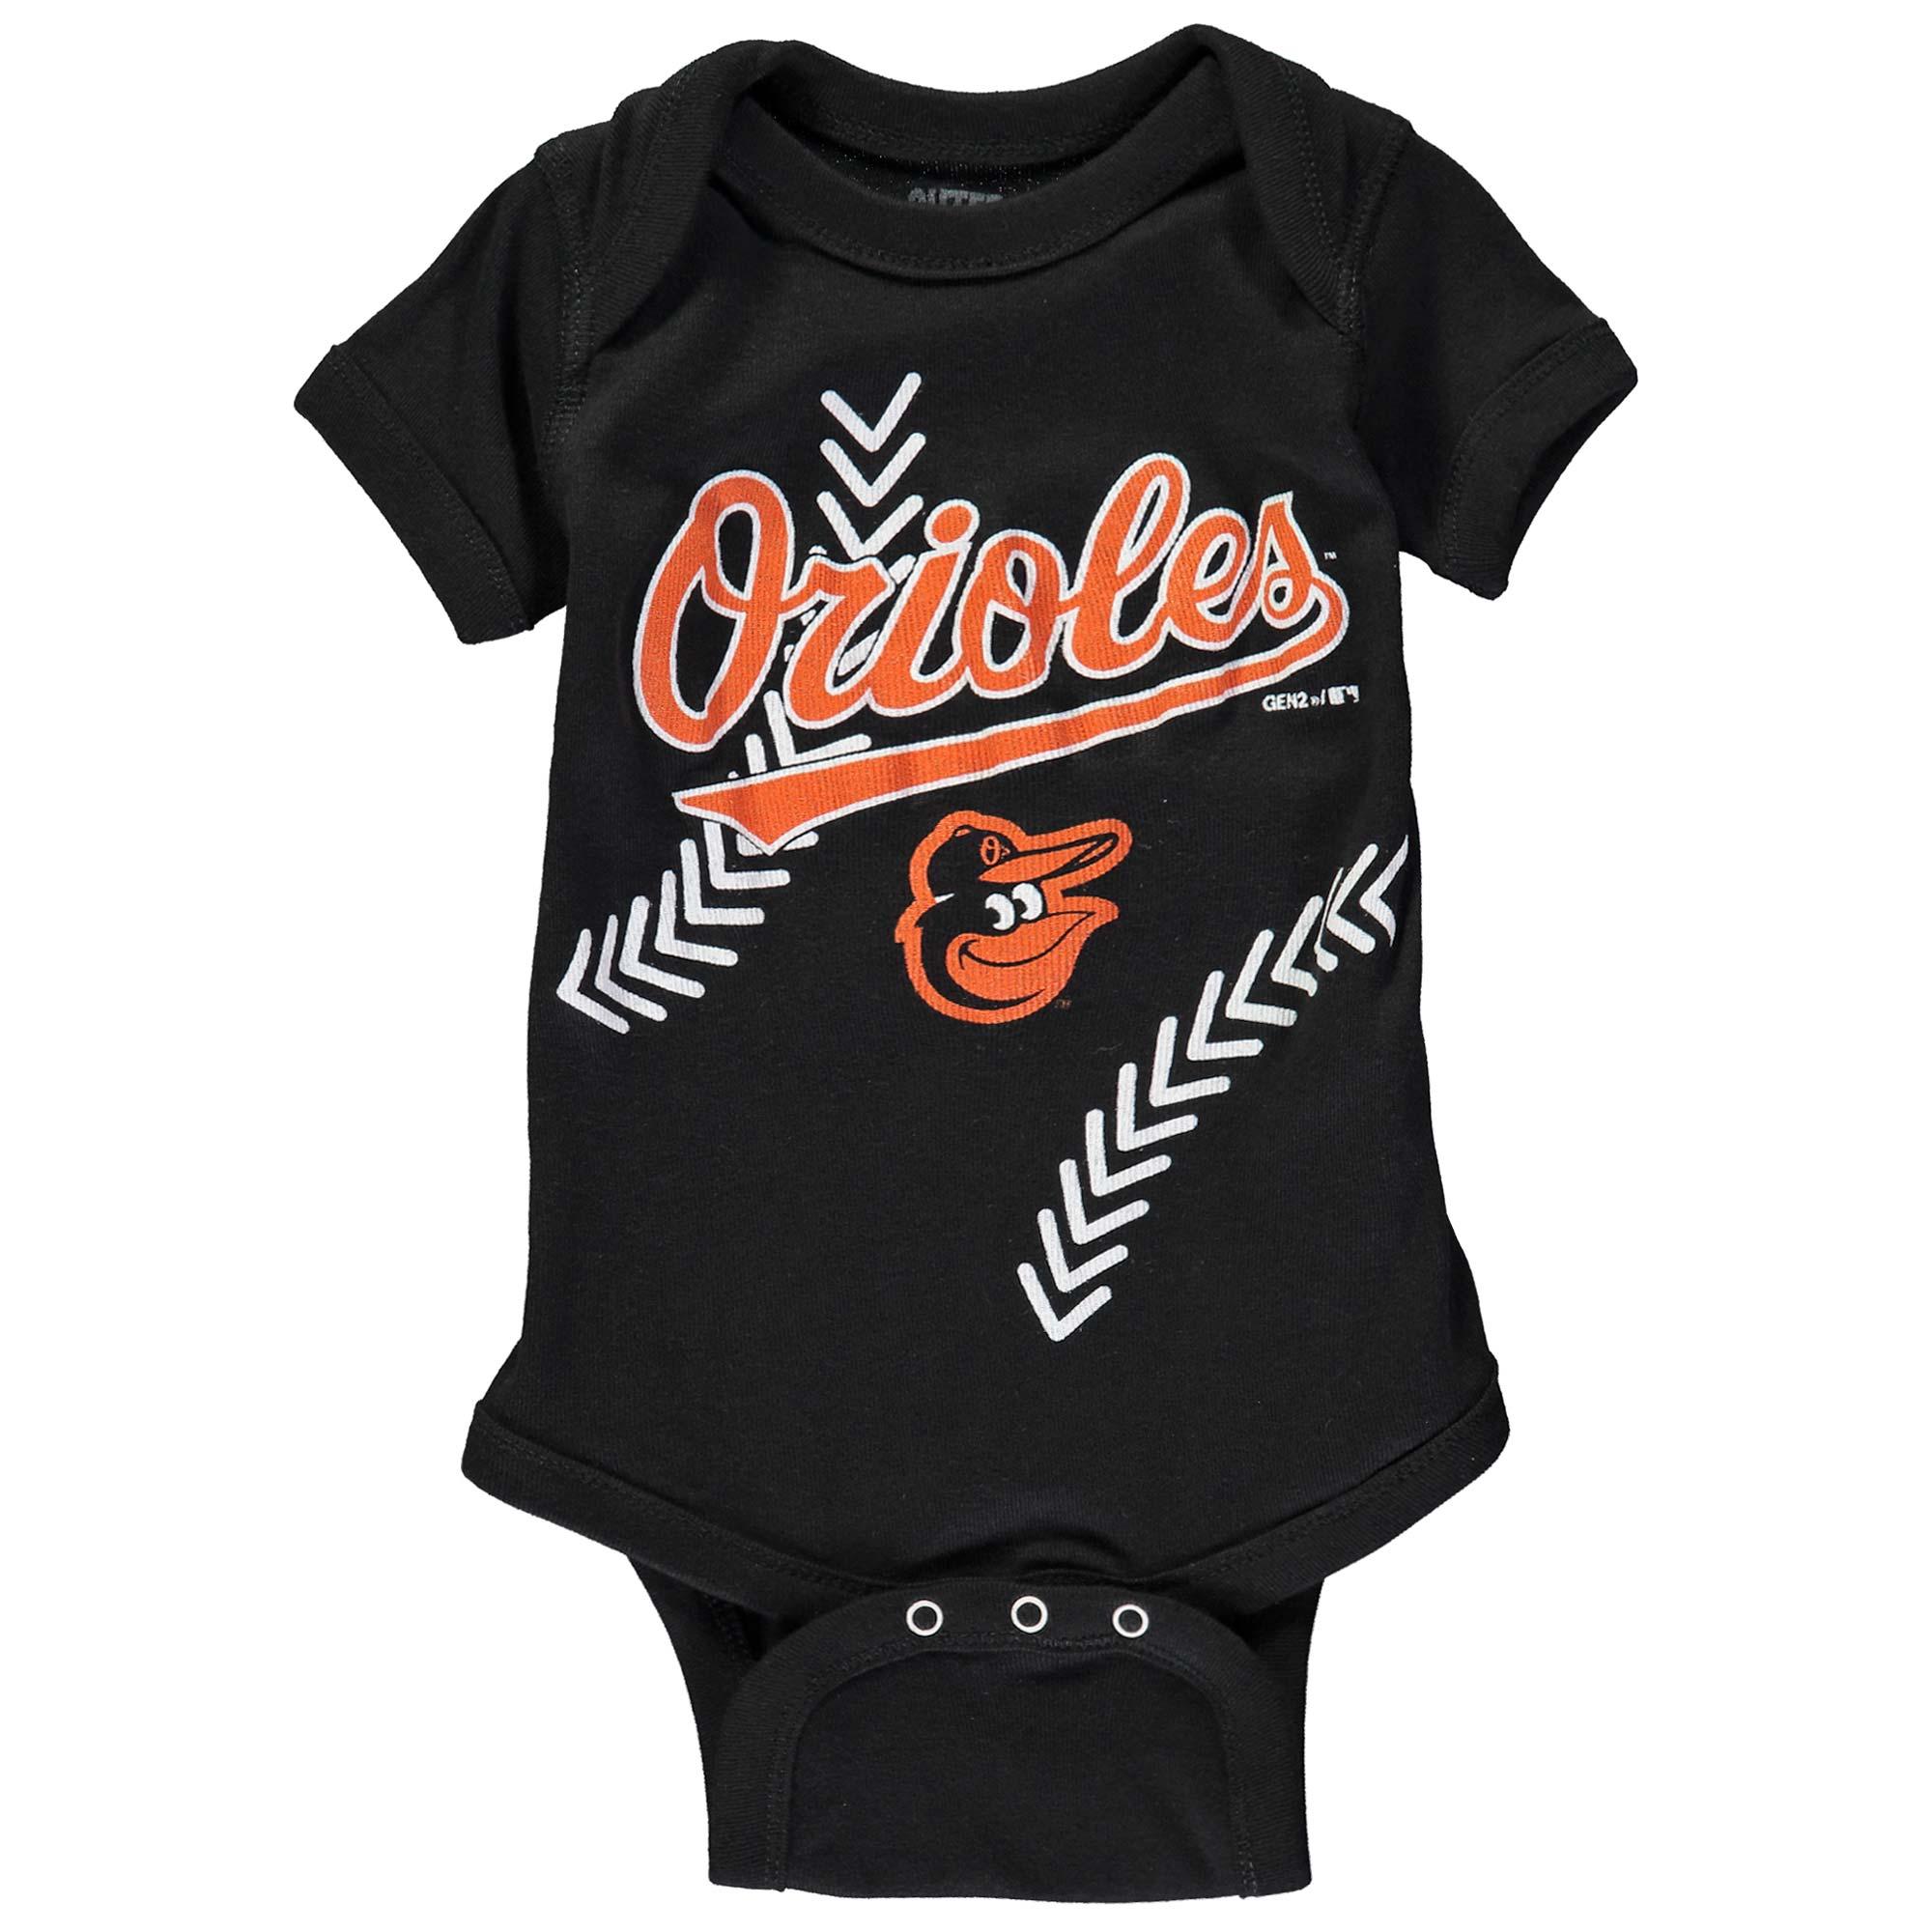 Baltimore Orioles Newborn & Infant Fan-tastic Baseball Bodysuit - Black